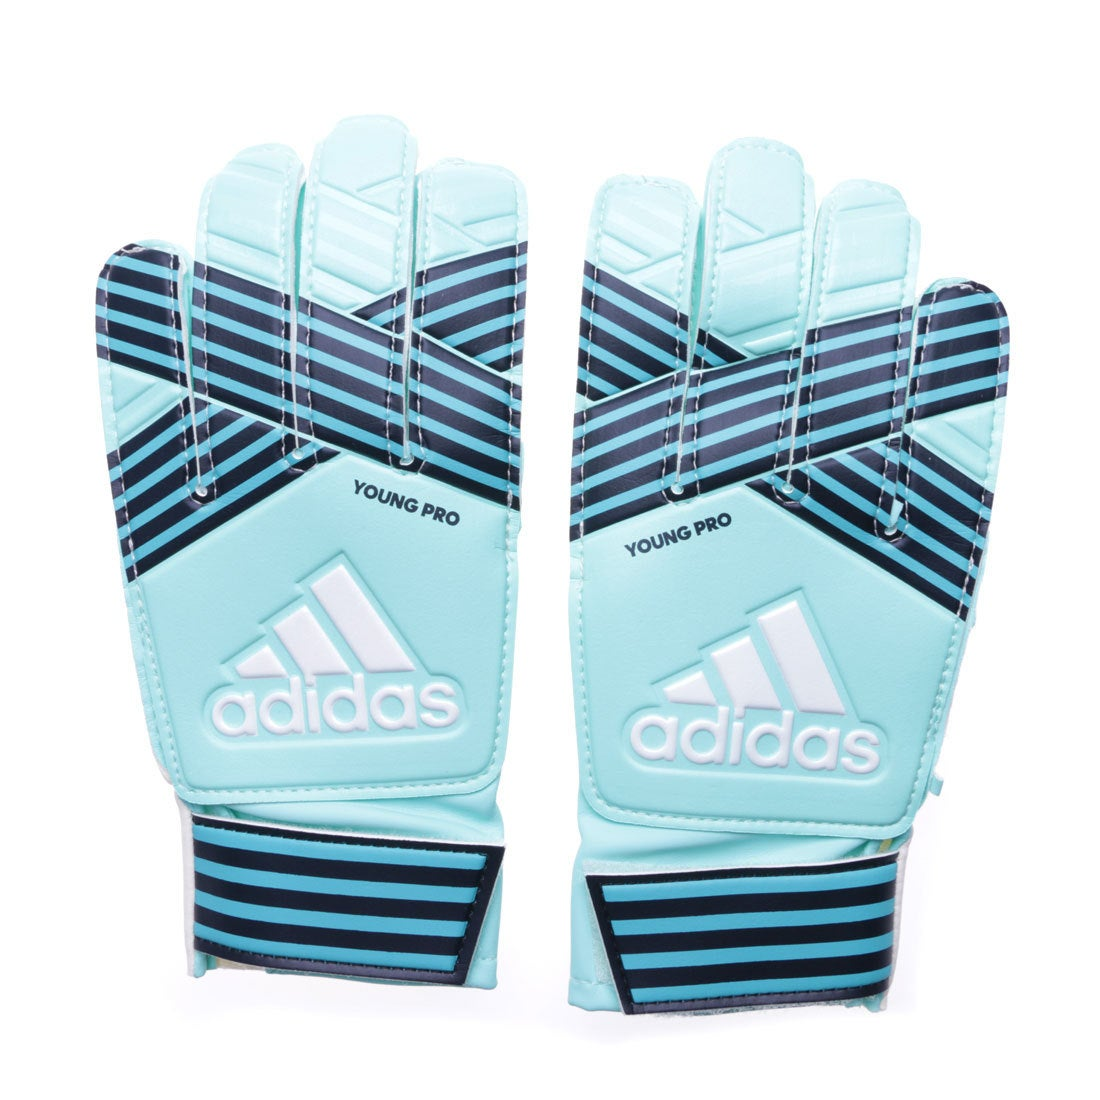 【SALE 30%OFF】アディダス adidas ユニセックス サッカー/フットサル キーパーグローブ エース ヤング プロ BS1508